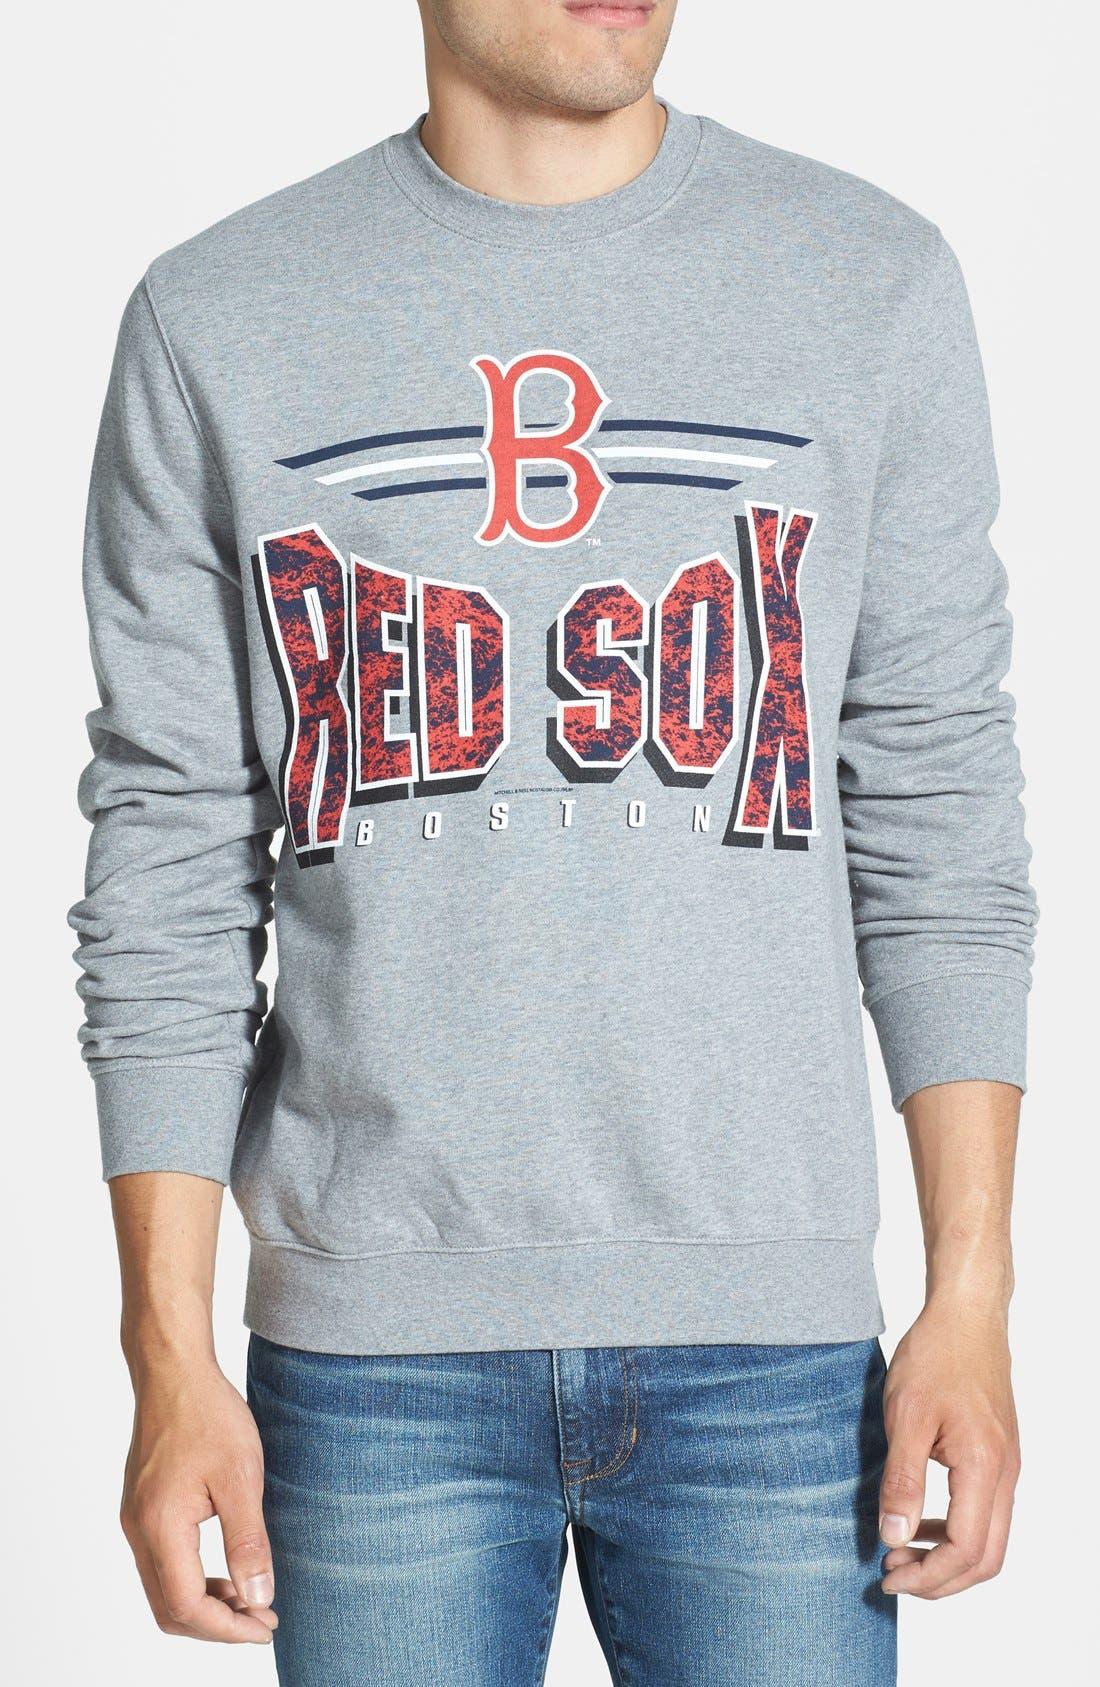 'Boston Red Sox' Crewneck Sweatshirt,                             Main thumbnail 1, color,                             061